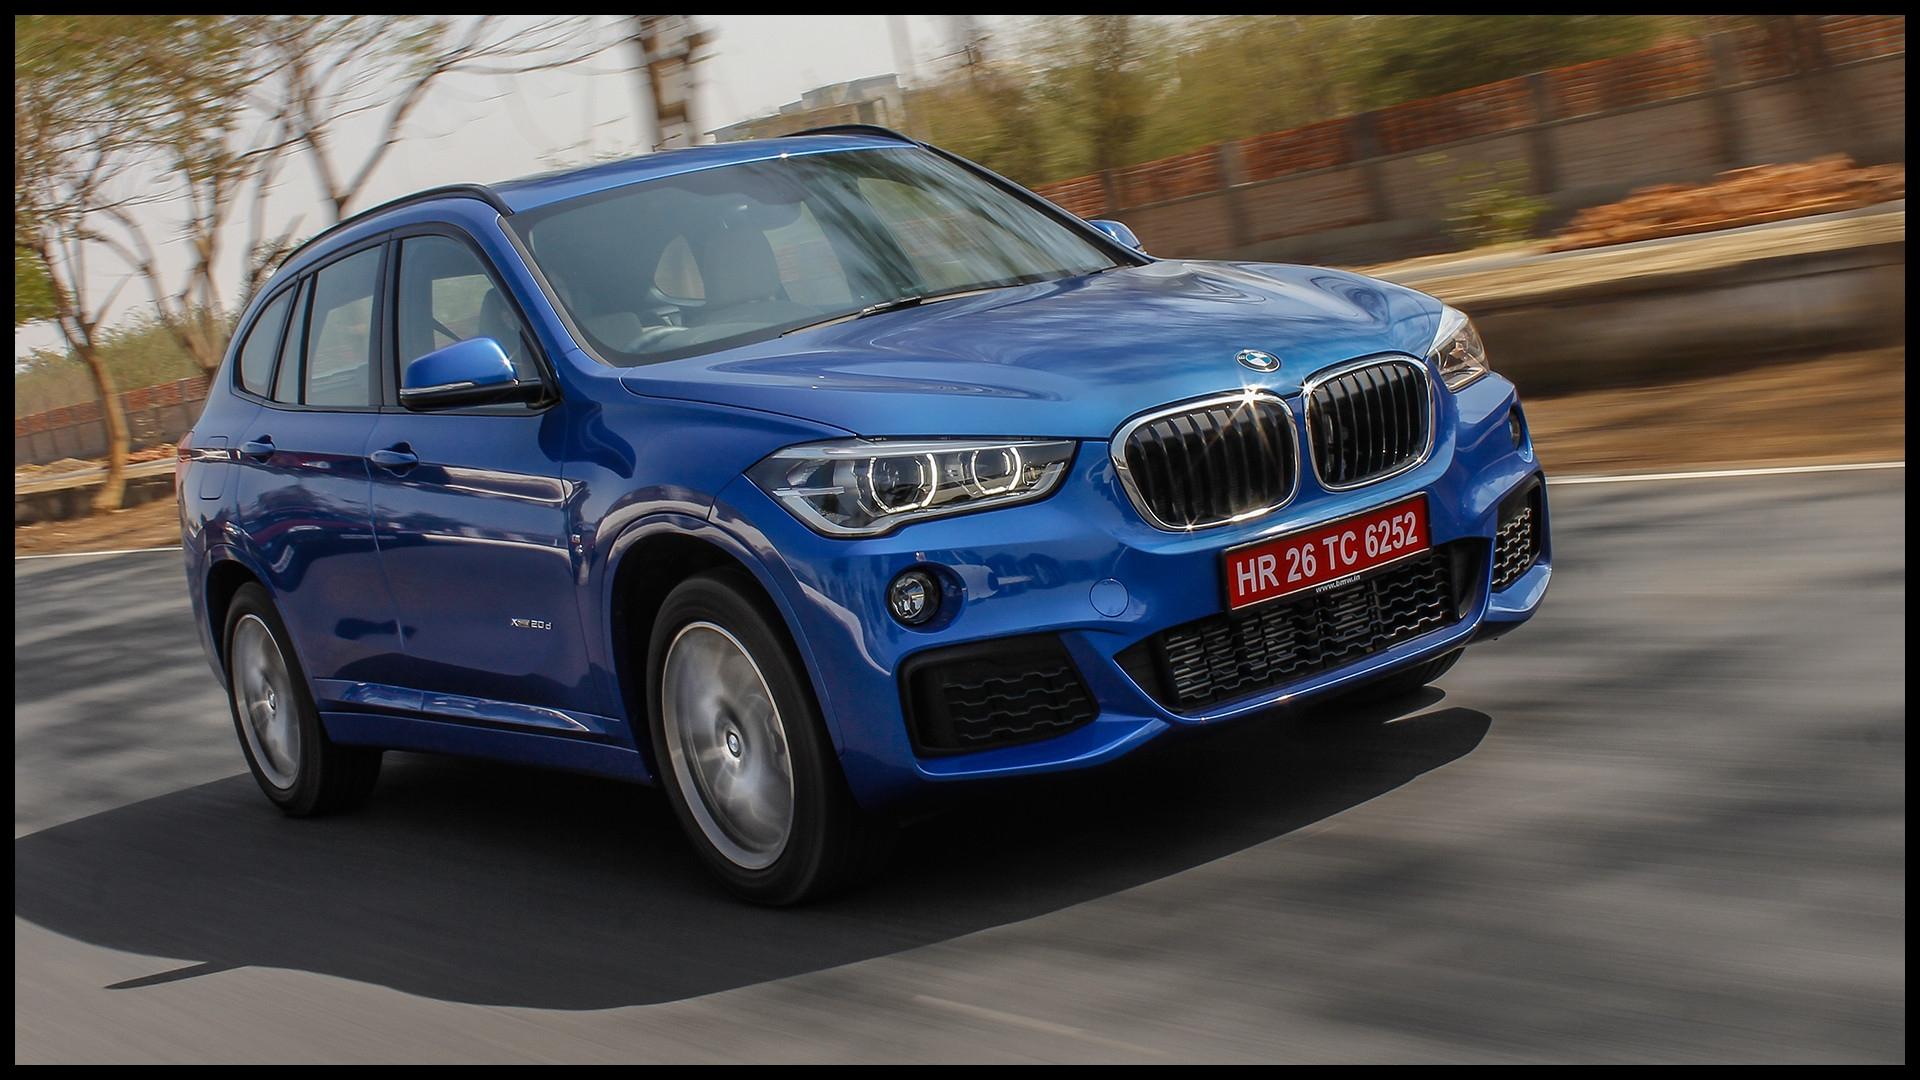 2018 Bmw X1 Price In India Luxury Bmw X1 2013 Sdrive 2 0d Sport Line Price